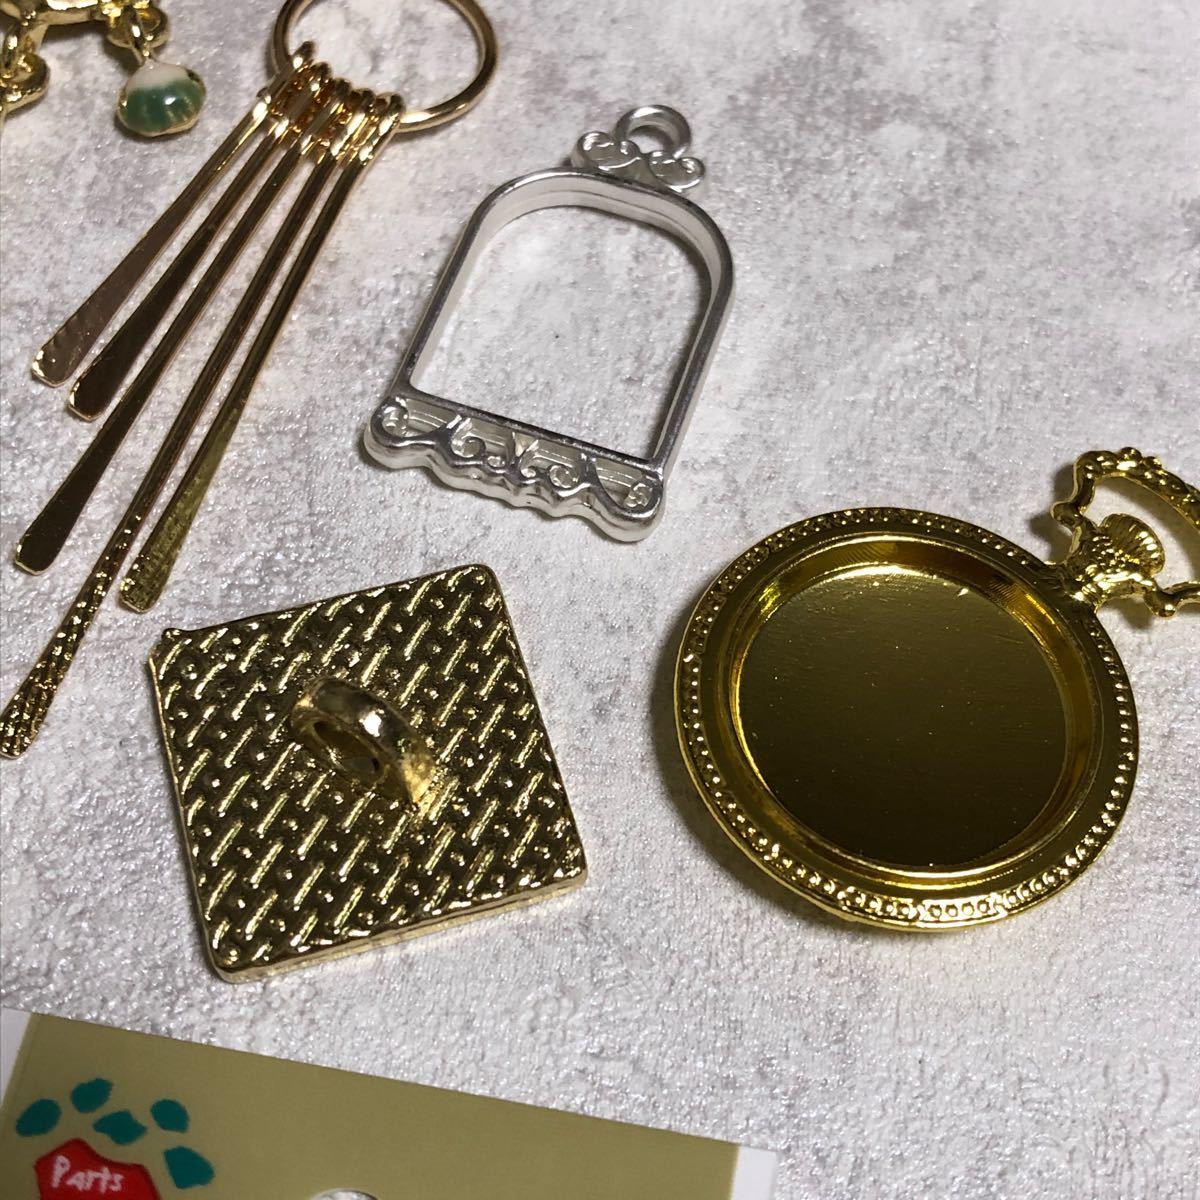 パーツ ビーズ セット まとめ売り アクセサリー ピアス イヤリング ミール皿 金属 ゴールド シルバー レジン ハンドメイド